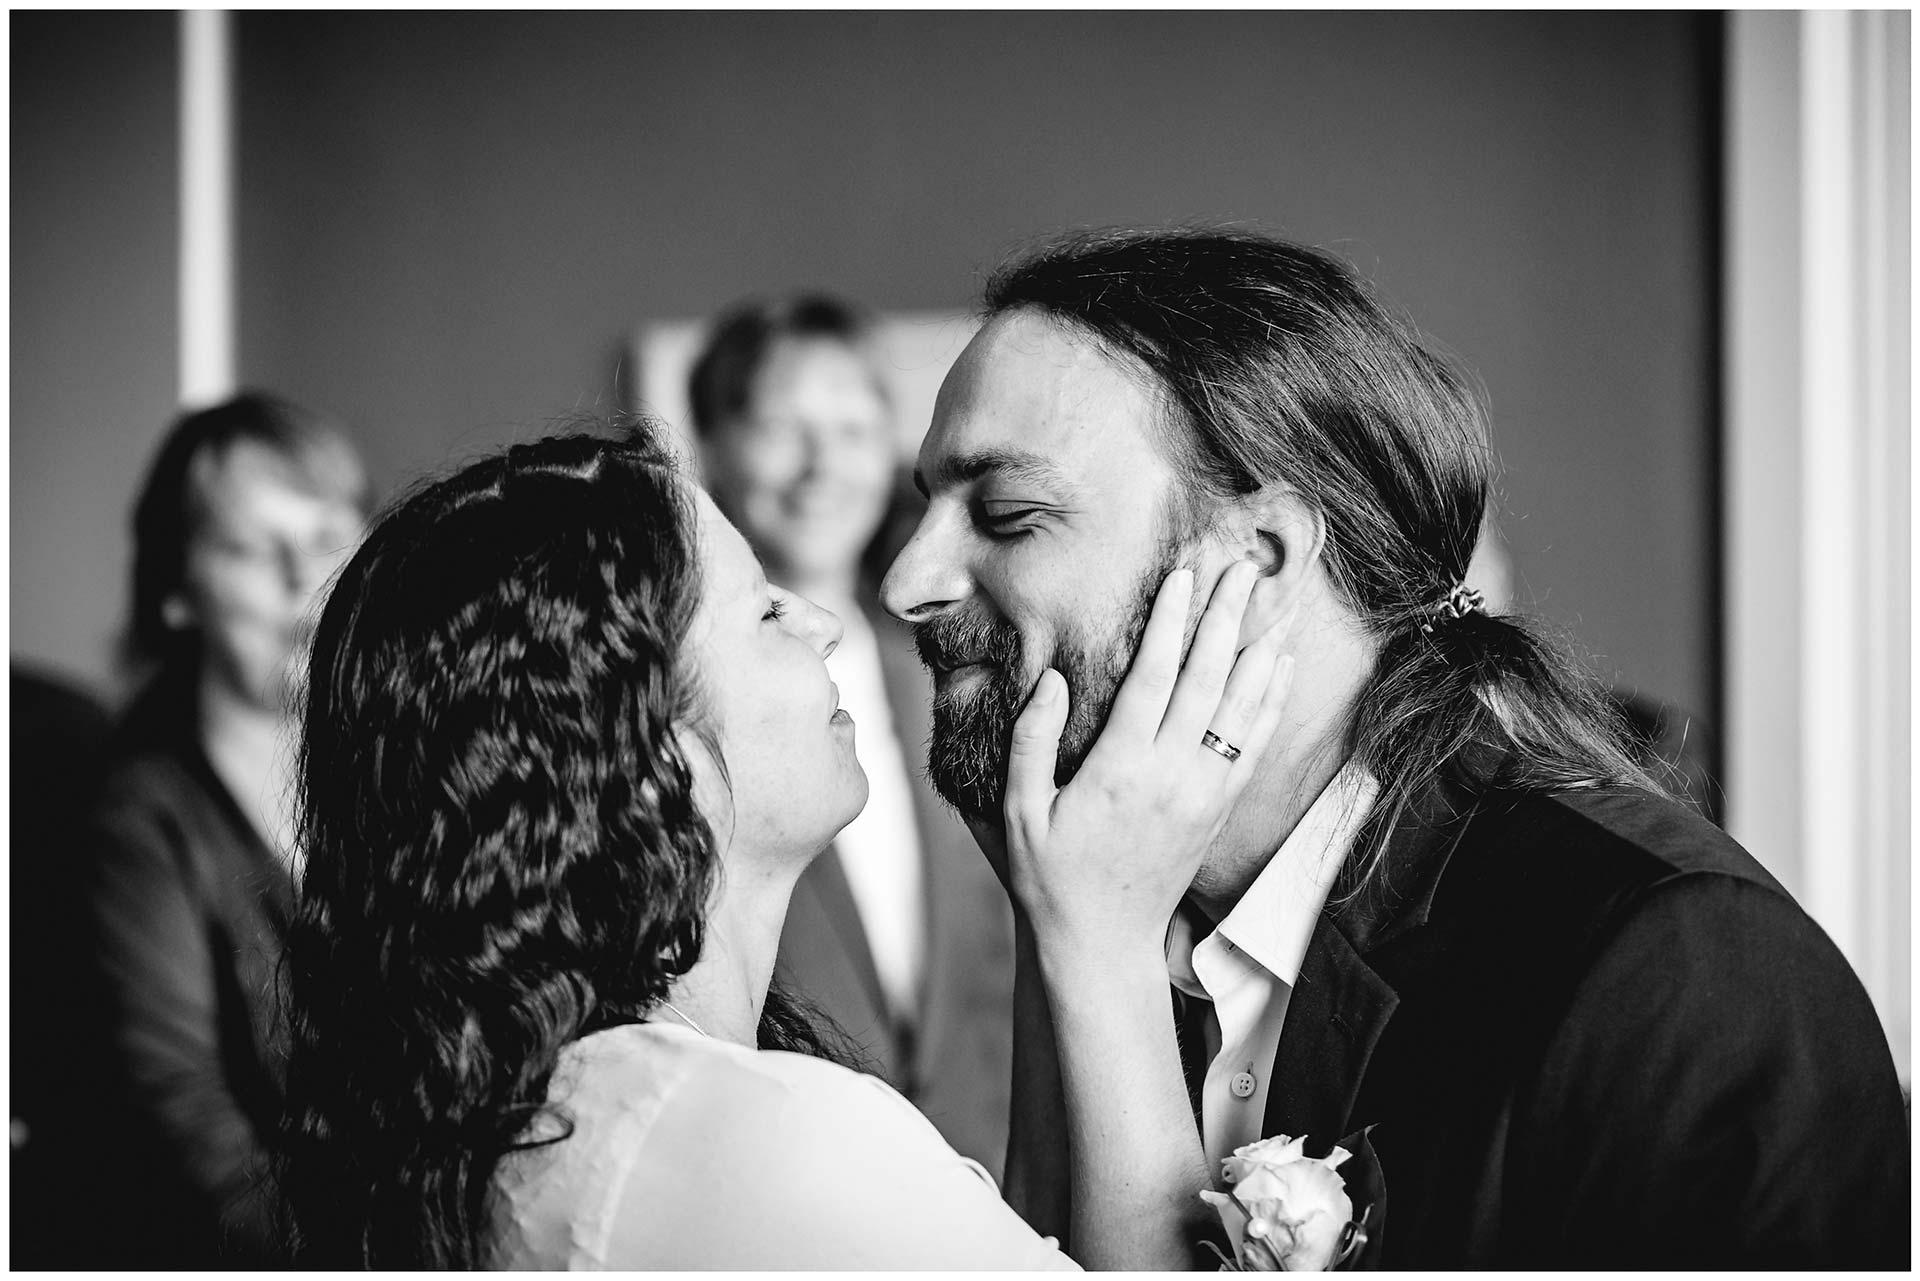 Braut hält zärtlich das Gesicht des Bräutigams in ihren Handen - Hochzeitsfotograf in Teterow